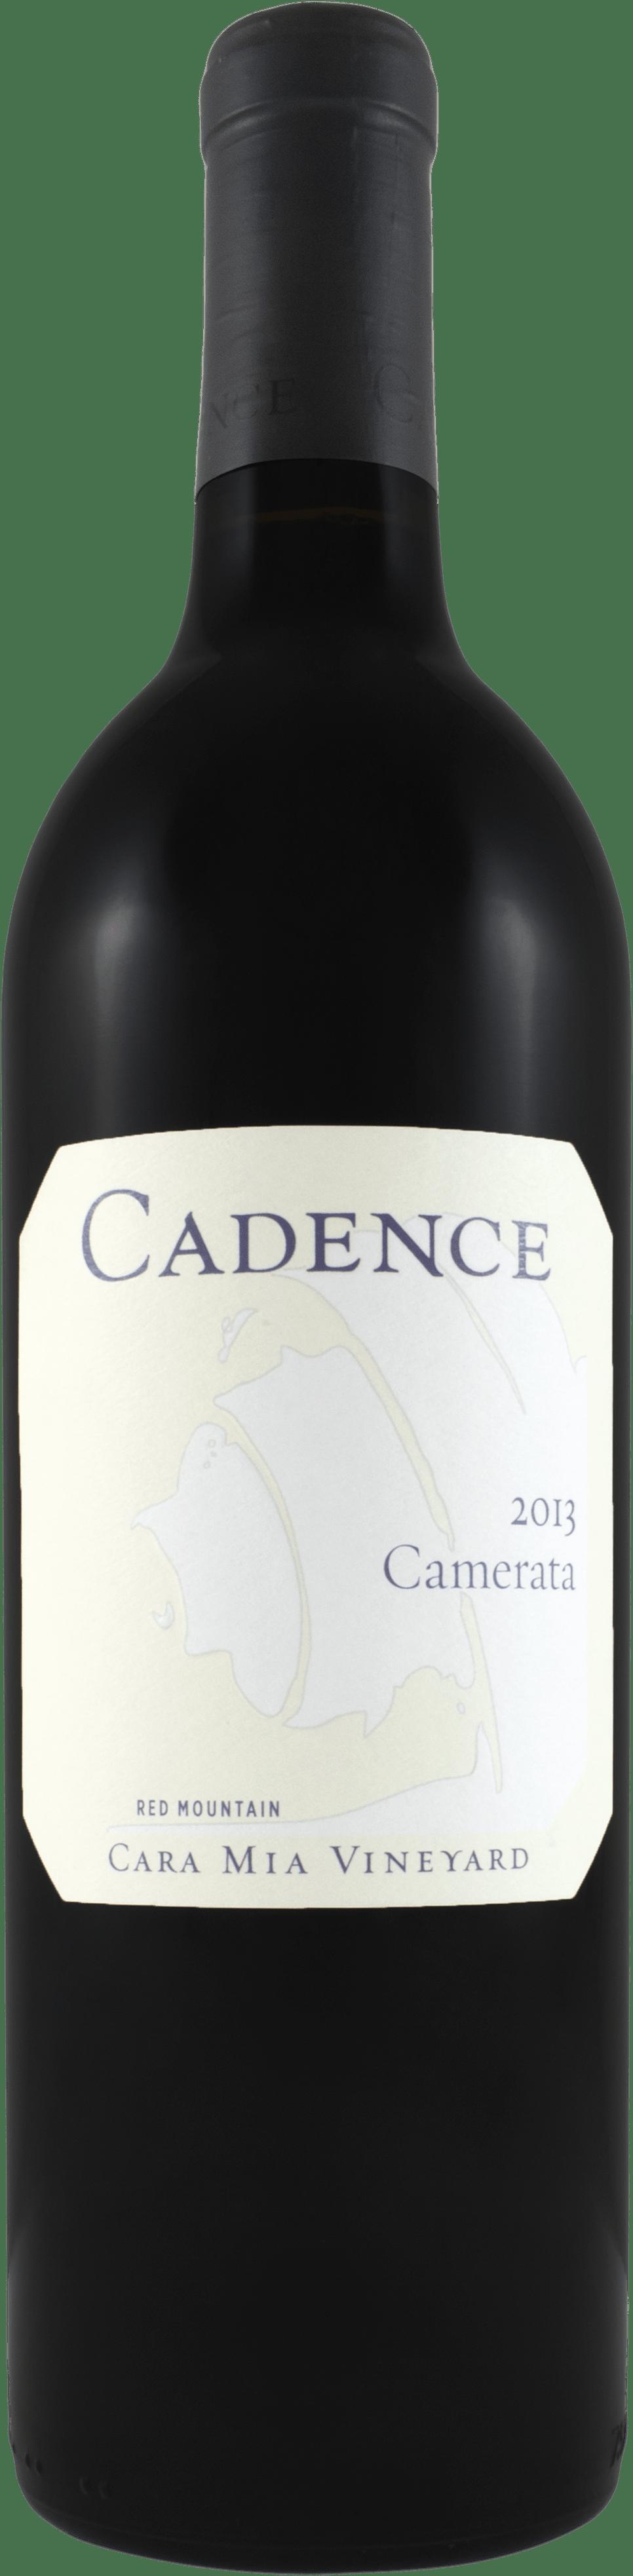 2013 Cadence Camerata Red Blend